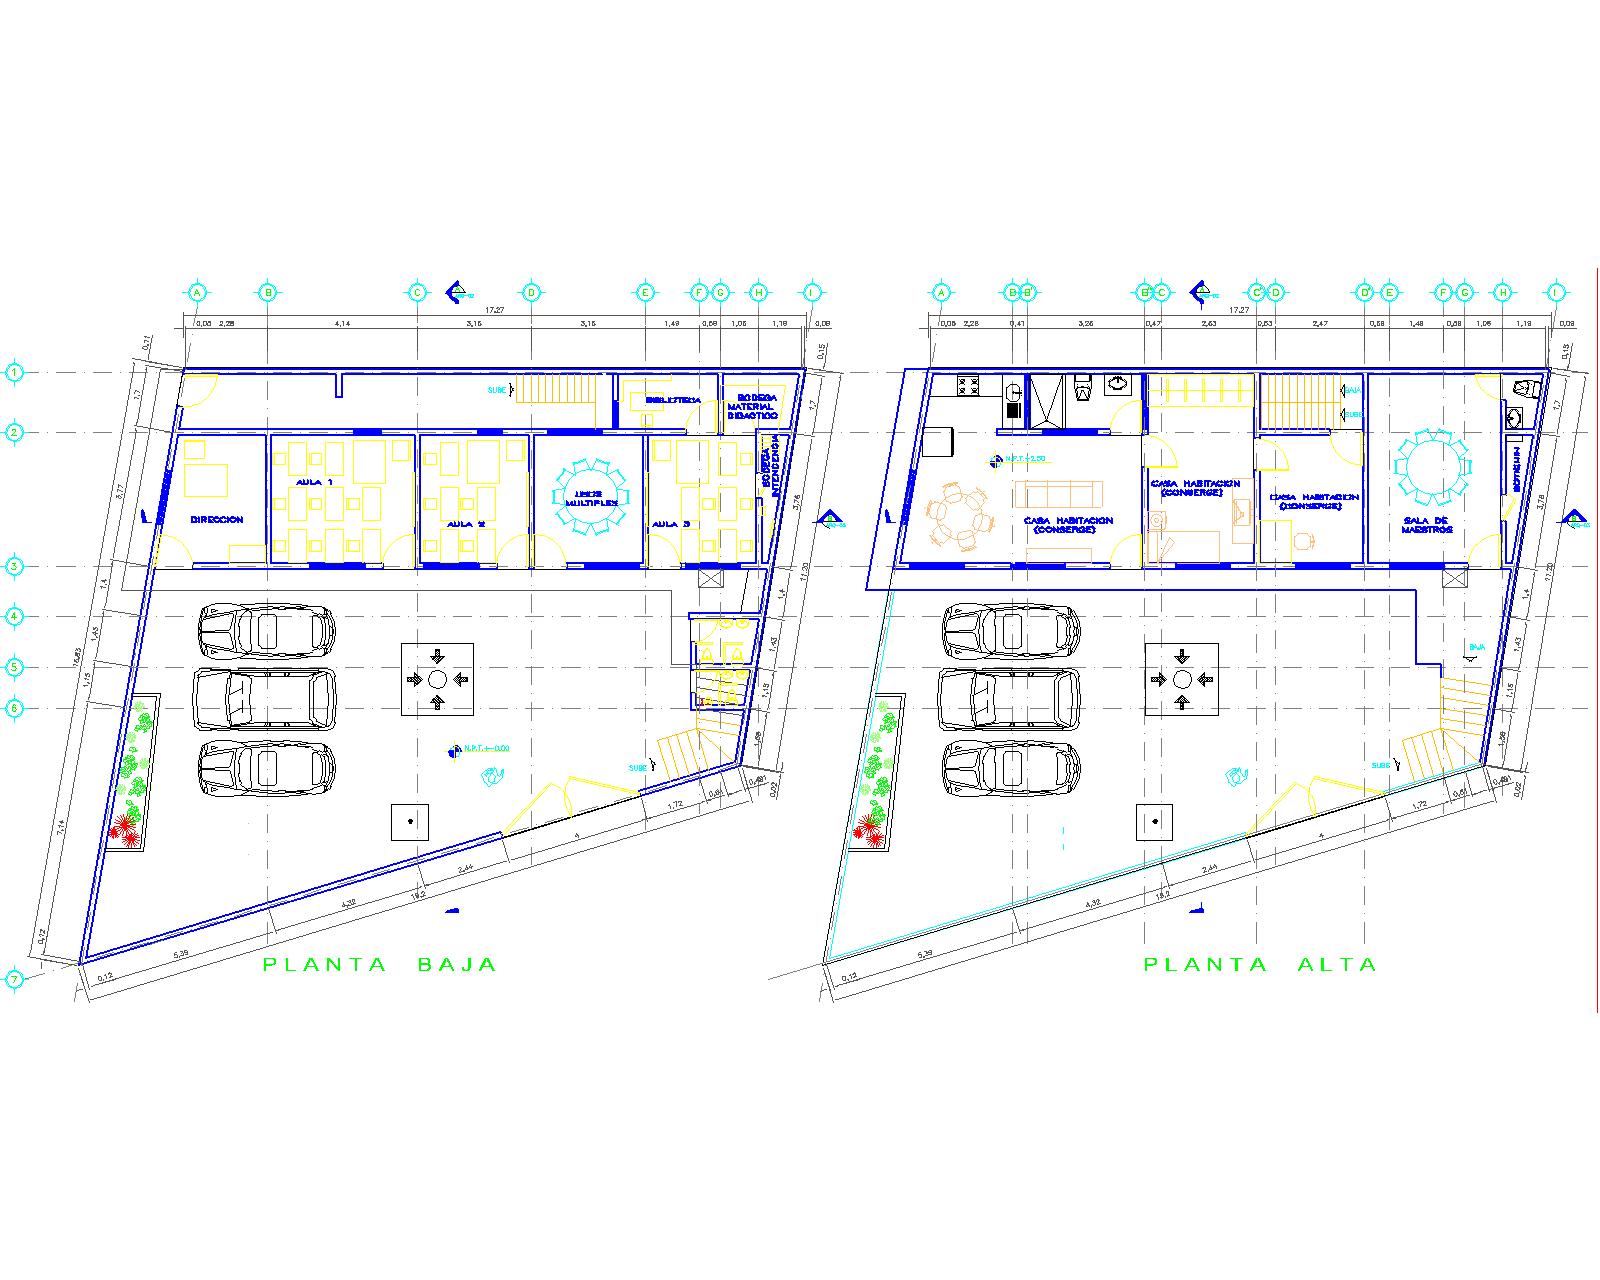 Arquitecto elaboraci n de planos para licencia de for Planos de construccion